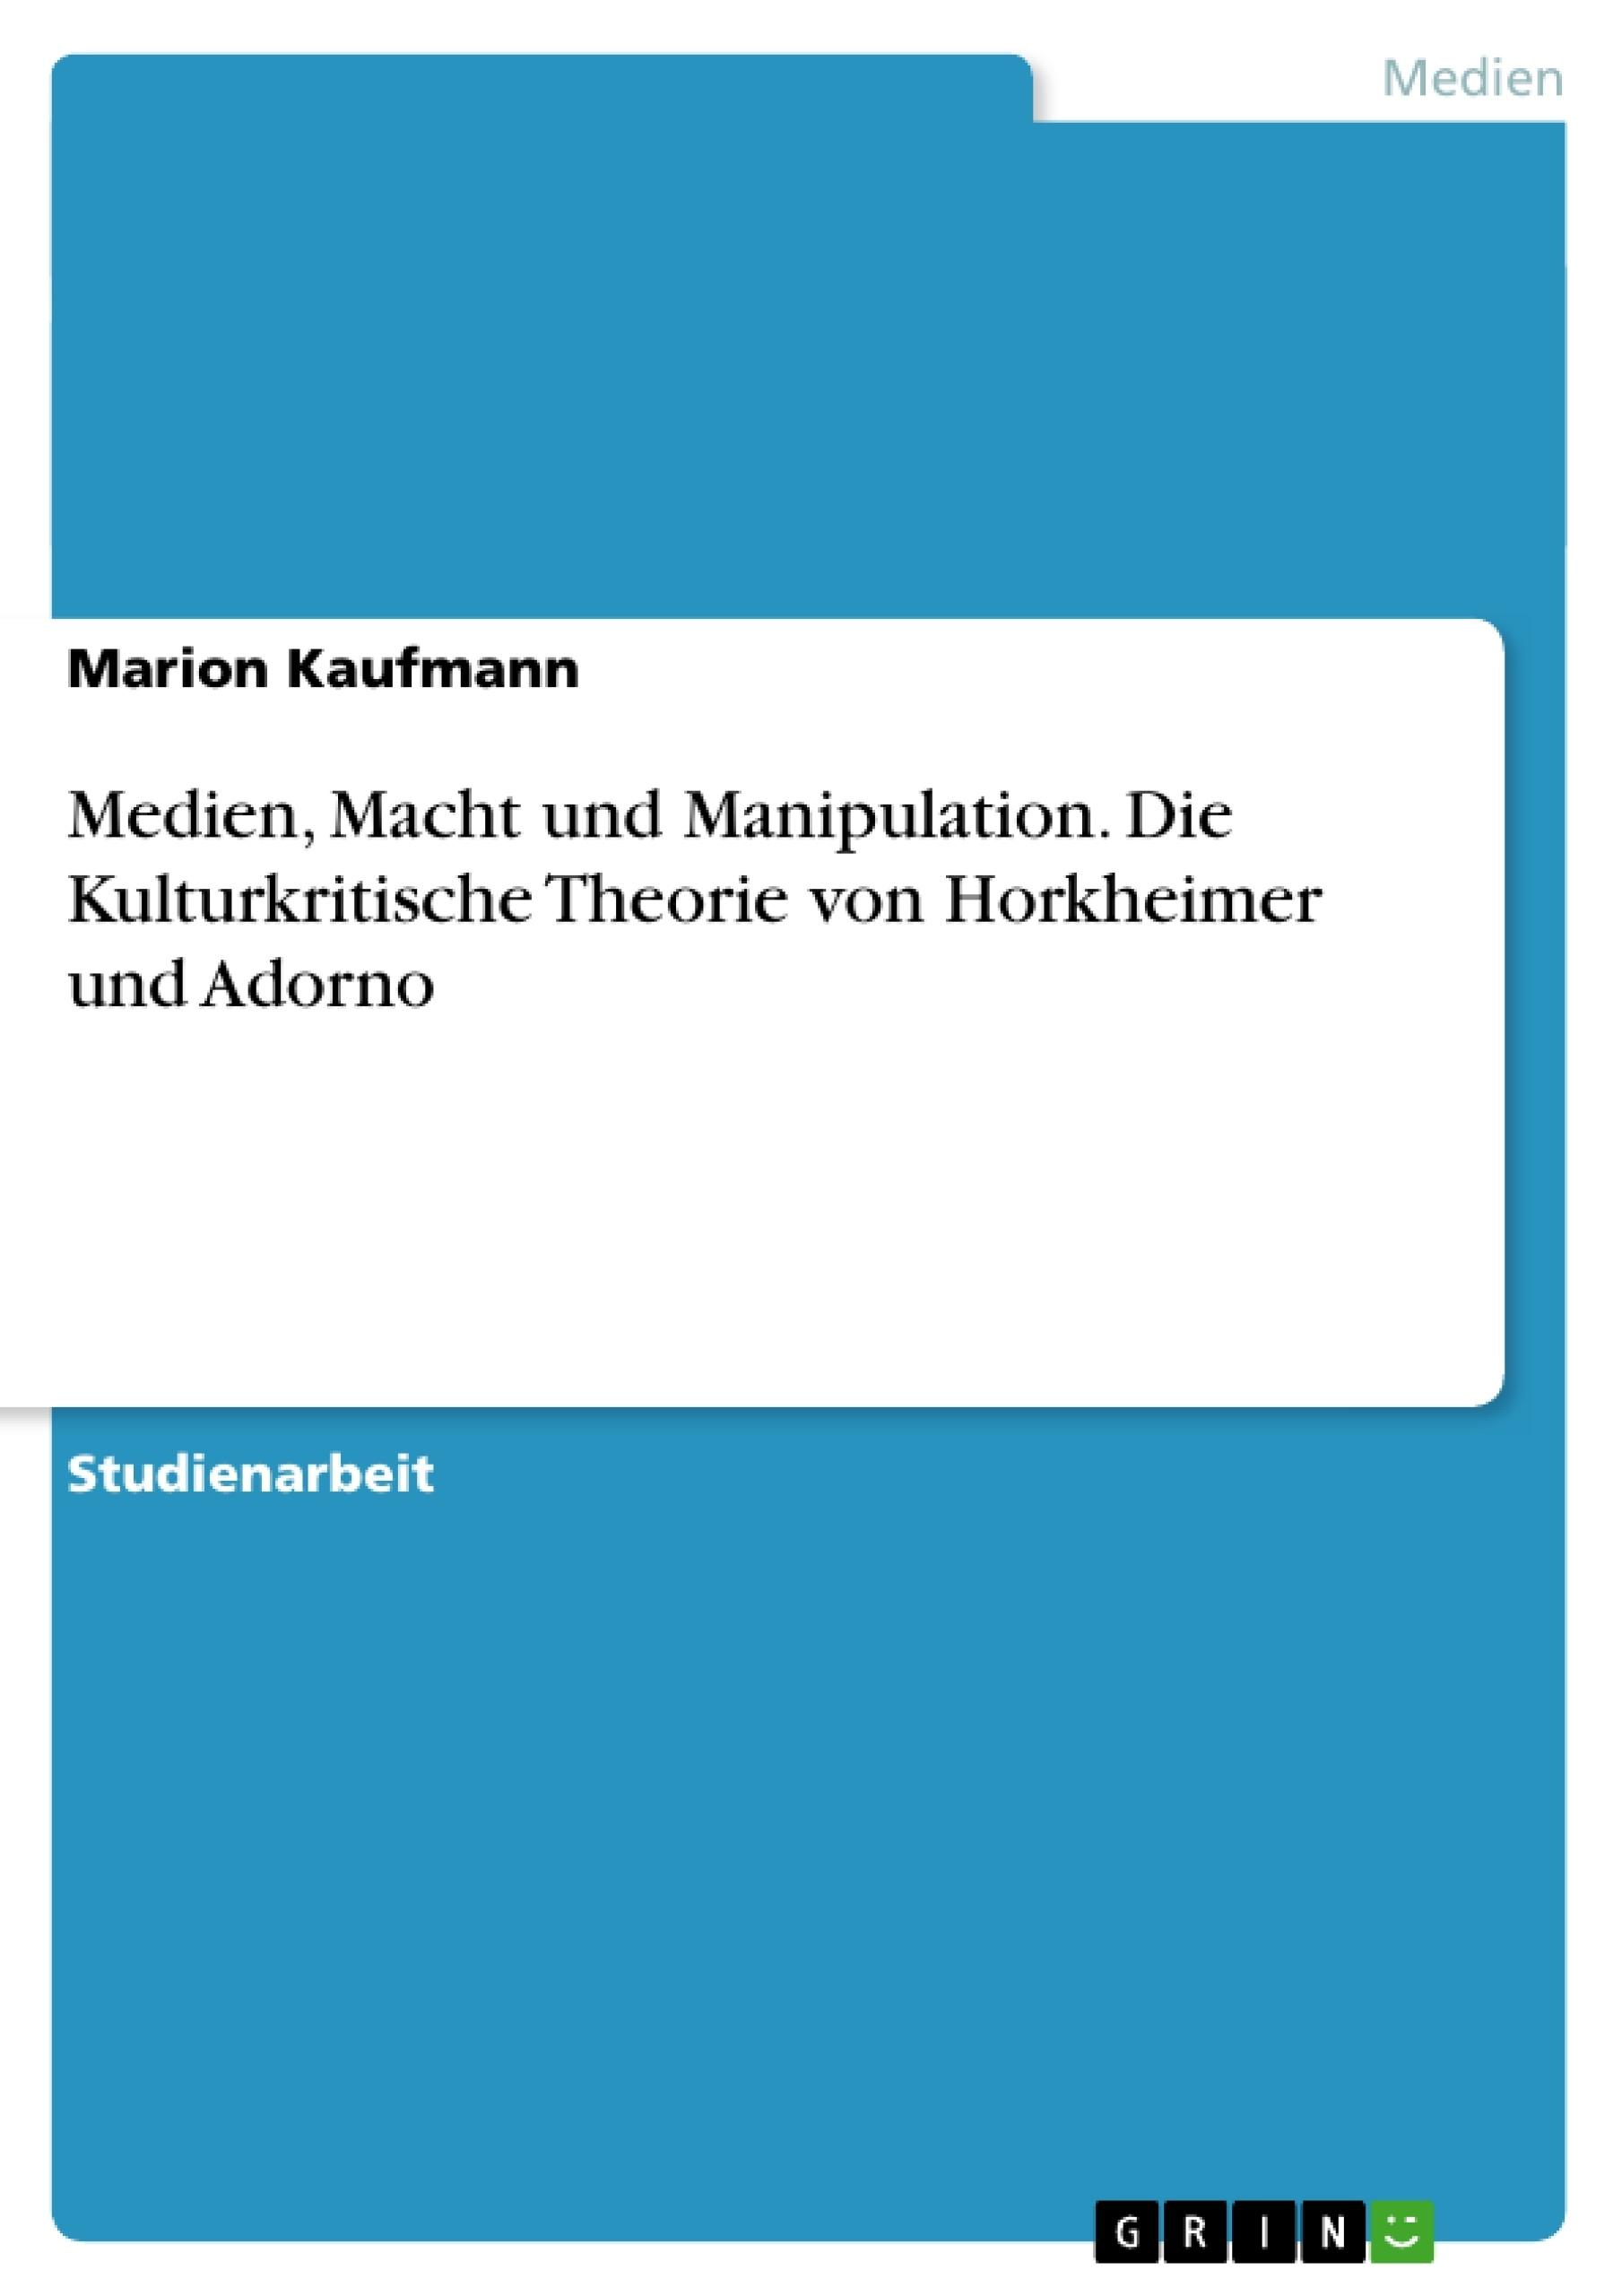 Titel: Medien, Macht und Manipulation. Die Kulturkritische Theorie von Horkheimer und Adorno